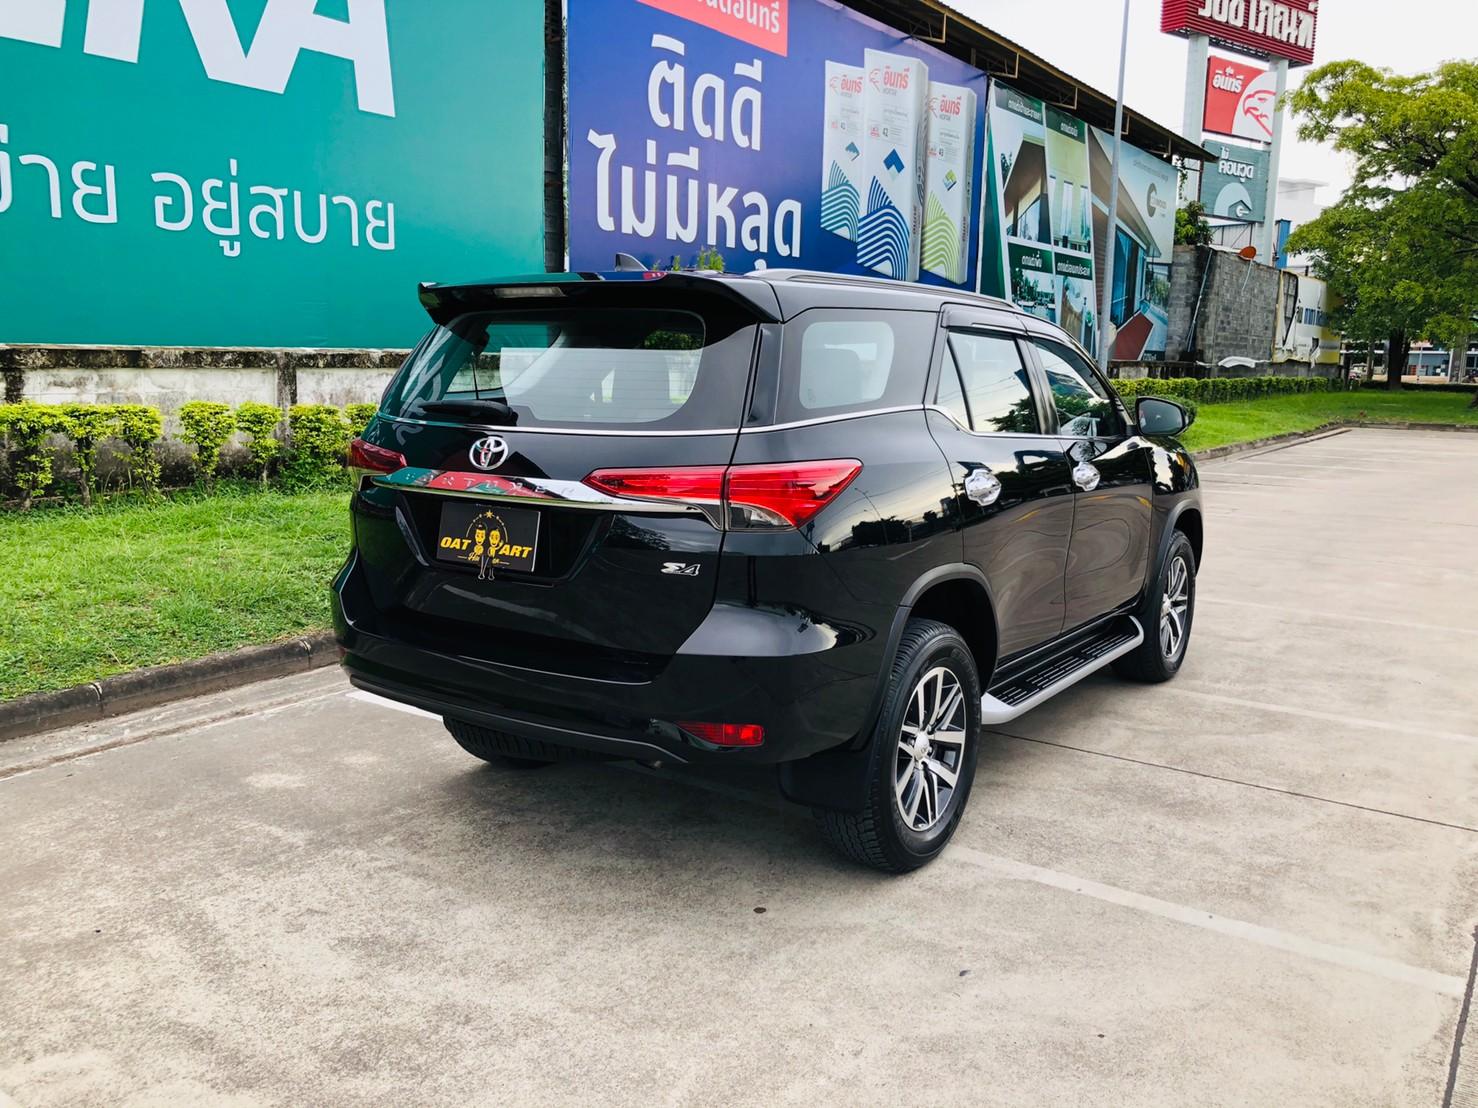 ภาพด้านท้ายข้าง โตโยต้า ฟอร์จูนเนอร์ 2.4 V 4WD ปี 2018